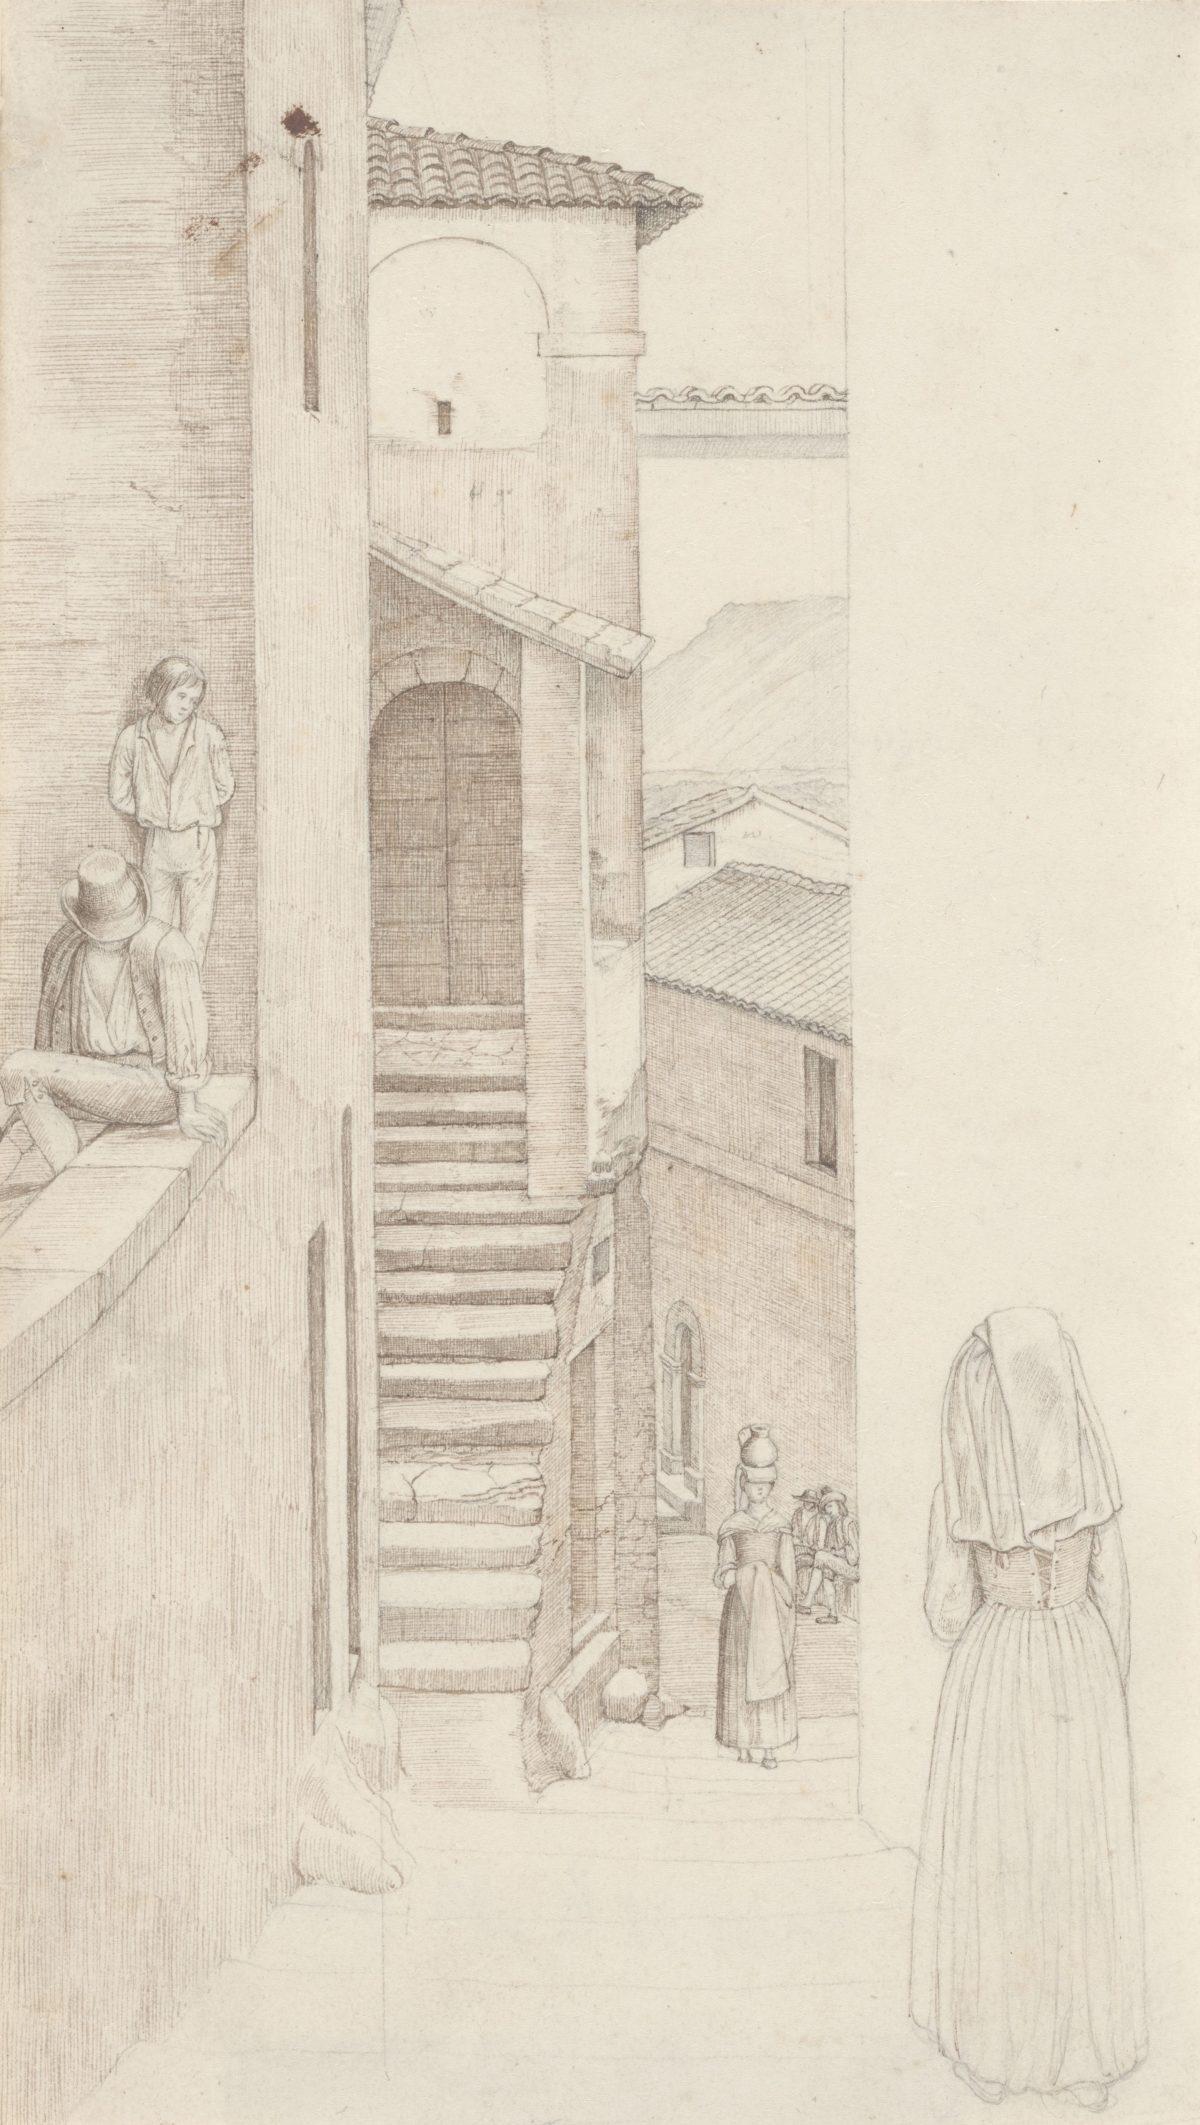 Friedrich Olivier, Straße in Olevano, 1819, Feder in Braun über Bleistift, 216 x 125 mm Blattmaß © Staatliche Graphische Sammlung München